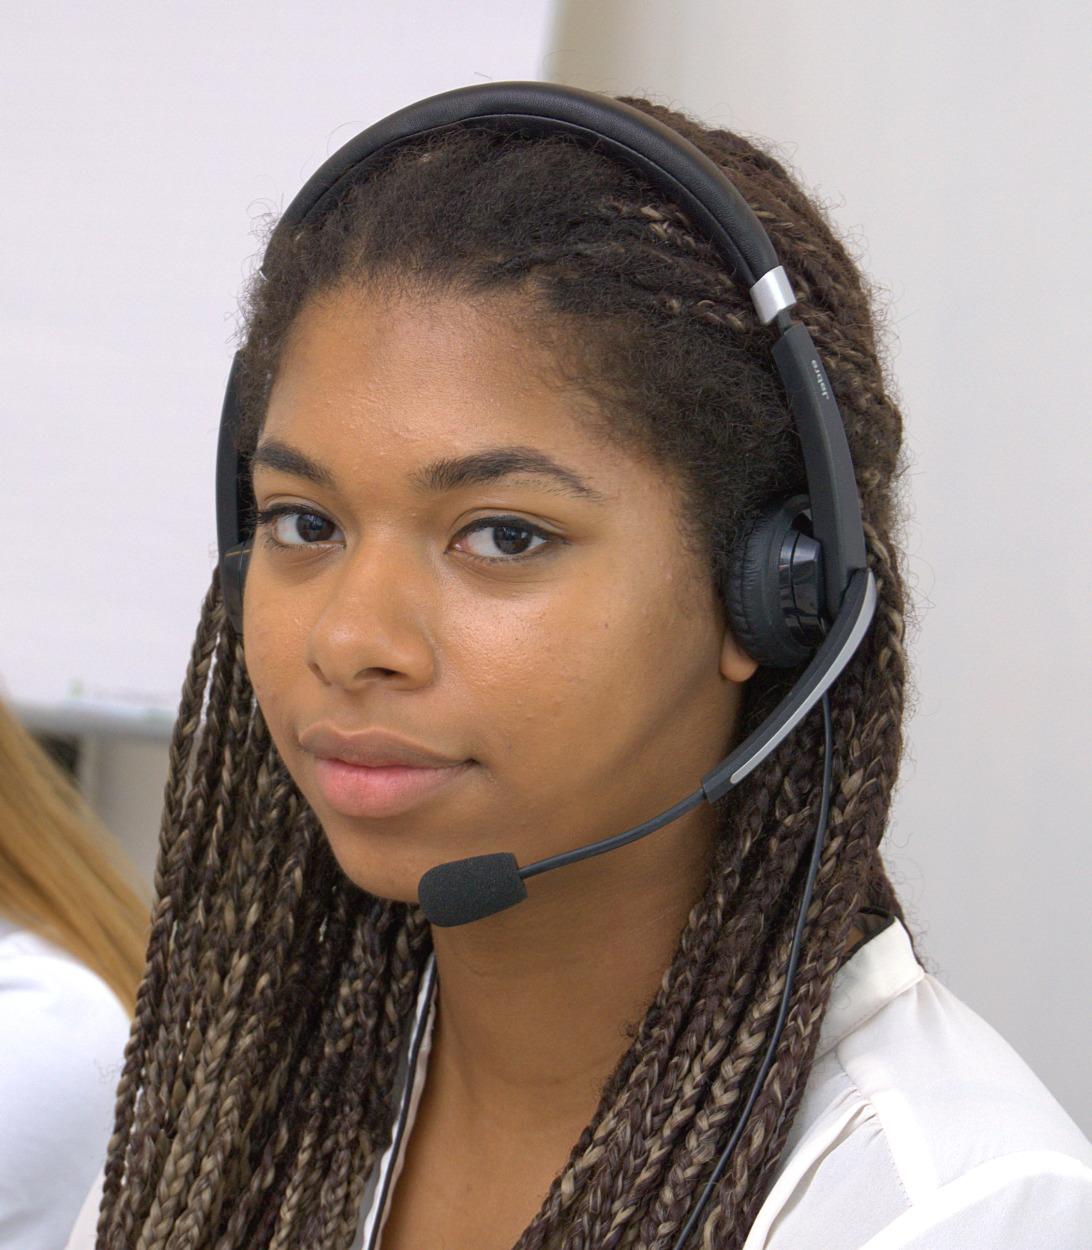 Junge Frau mit Headset – Telefonhotline